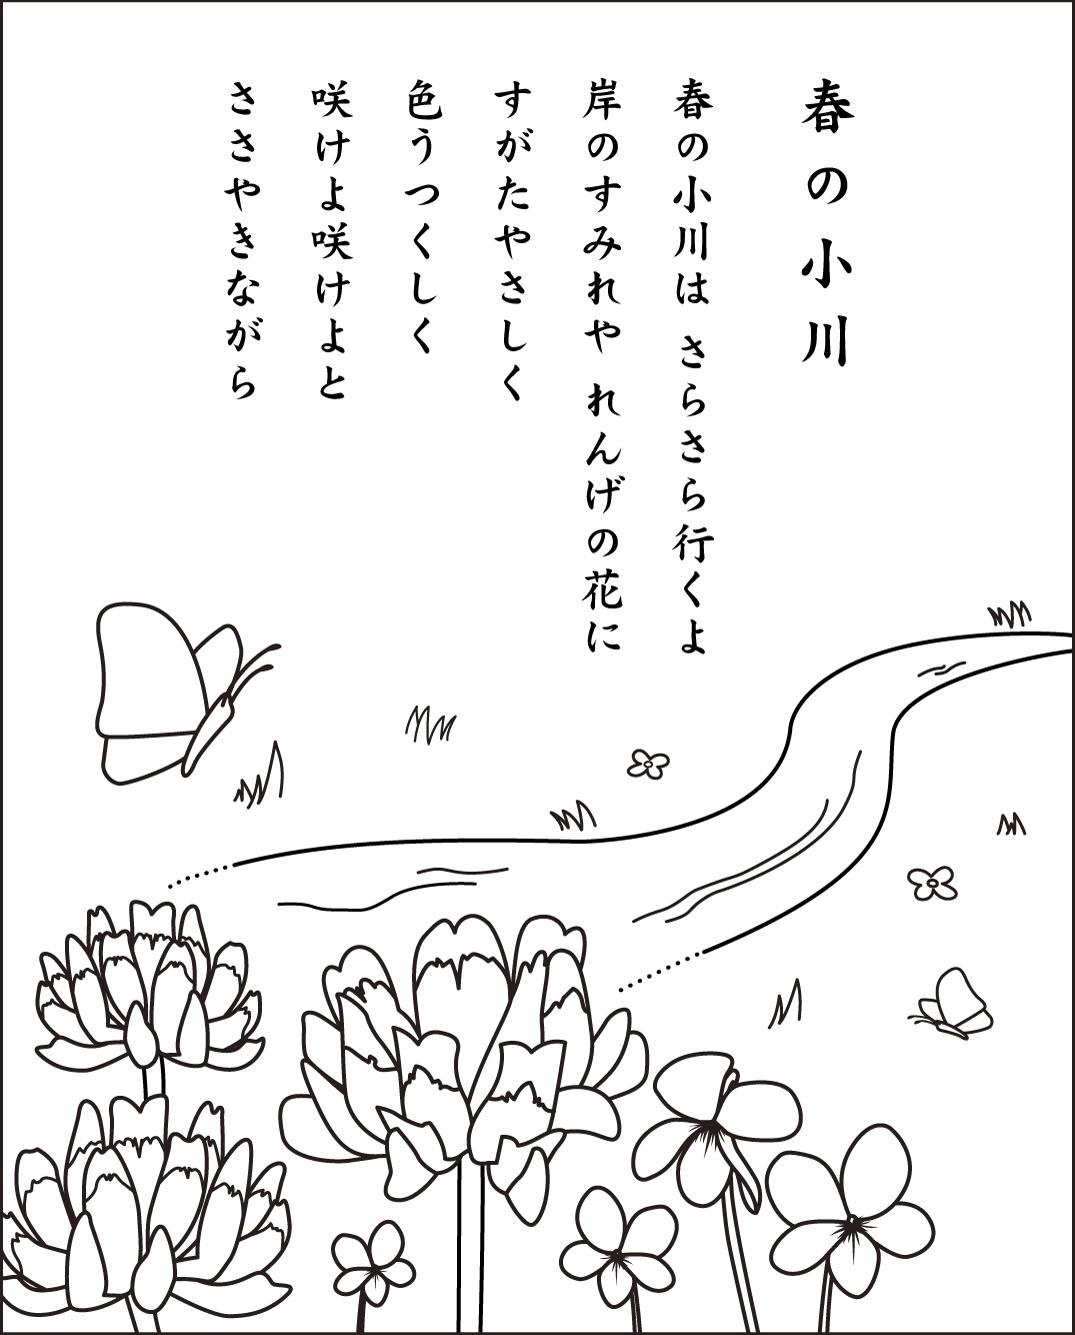 レク素材 春の小川介護レク広場レク素材やレクネタ企画書の無料